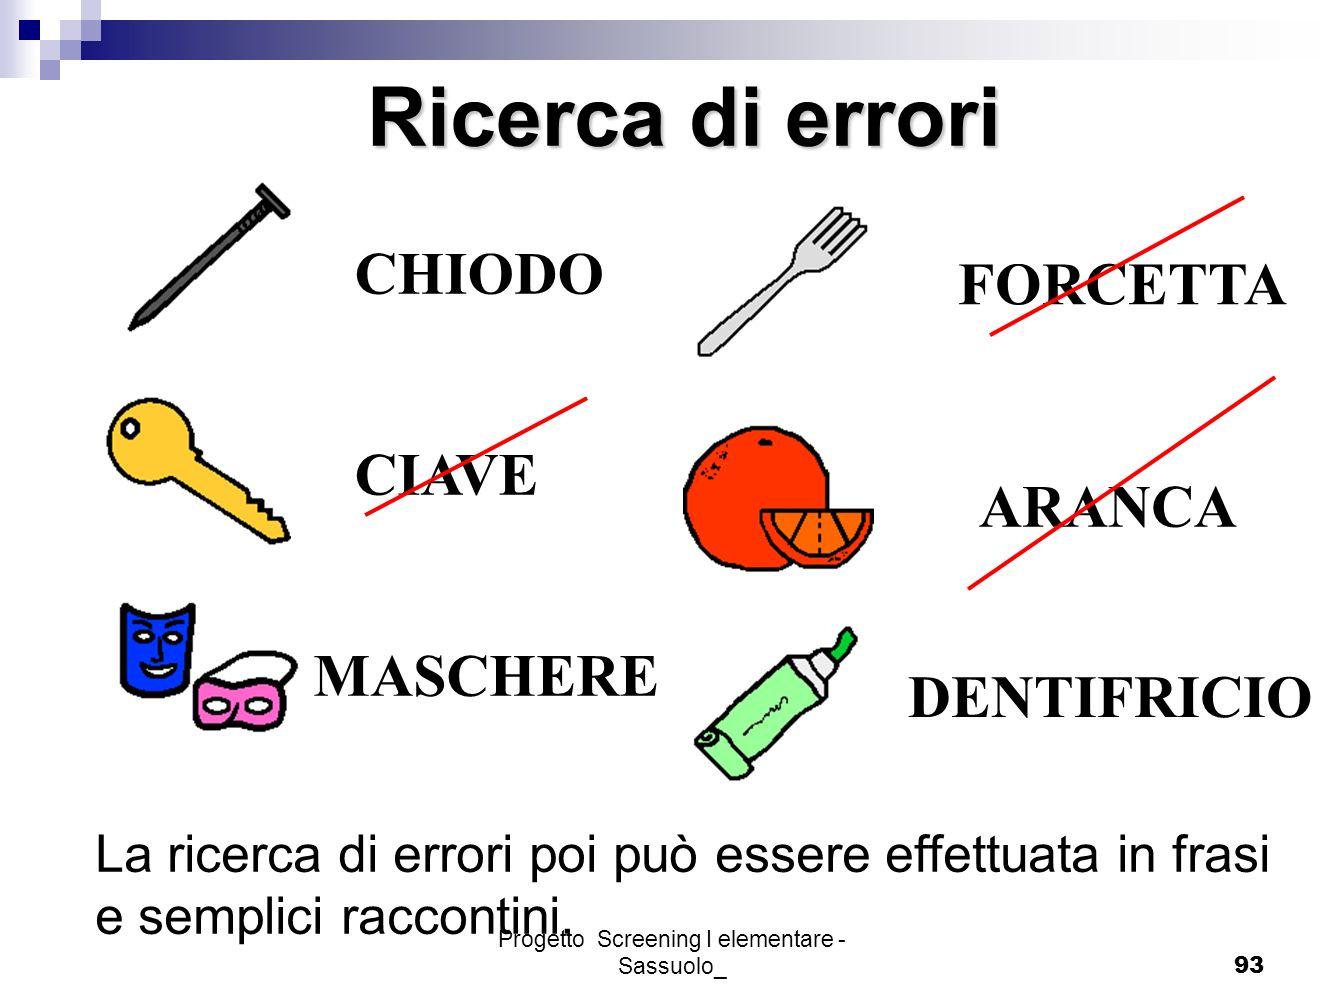 Progetto Screening I elementare - Sassuolo_93 Ricerca di errori CHIODO CIAVE MASCHERE FORCETTA ARANCA DENTIFRICIO La ricerca di errori poi può essere